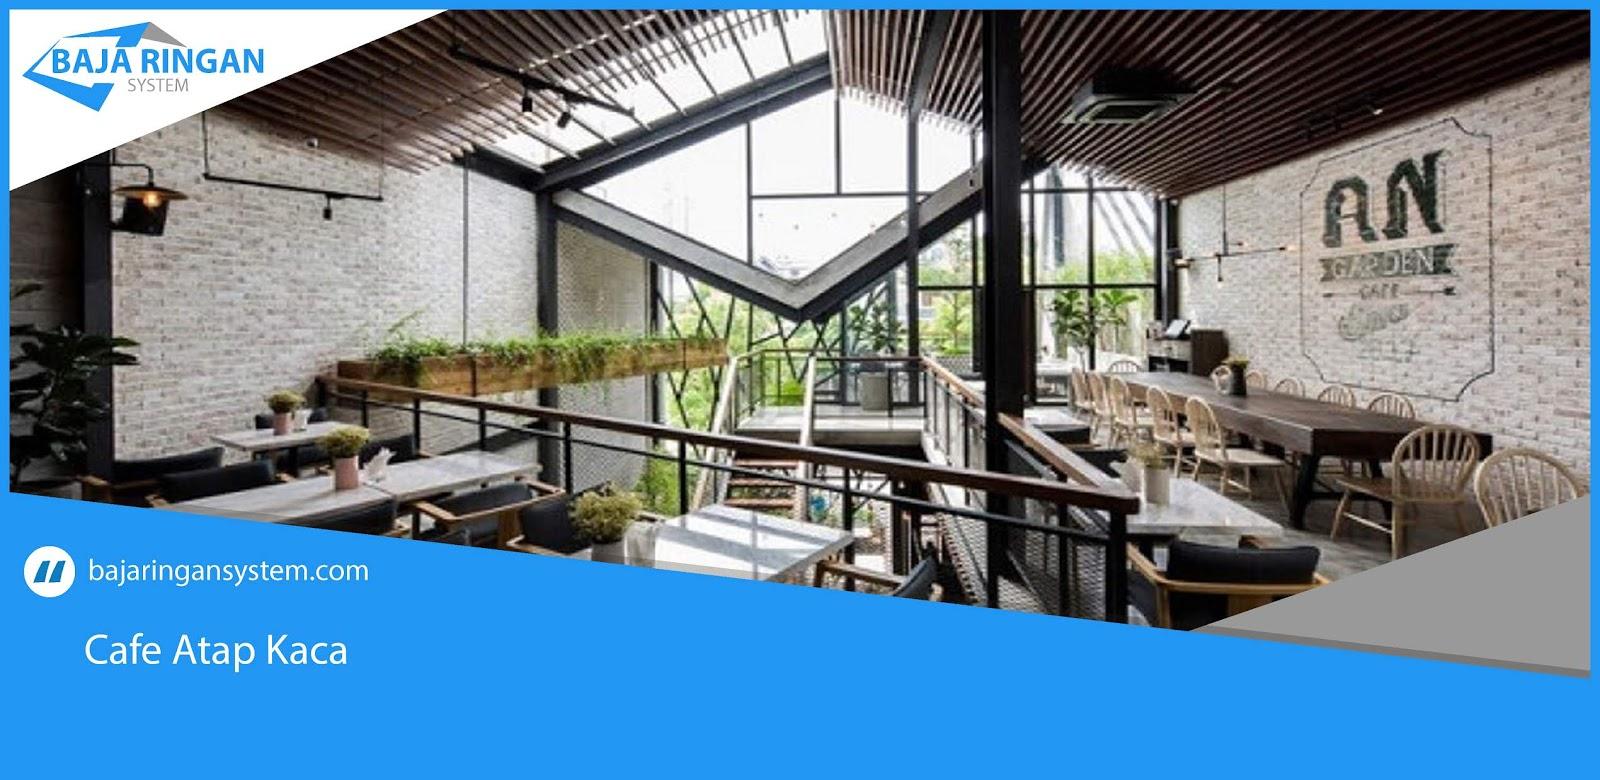 kanopi baja ringan atap kaca bisa buat apa aja system